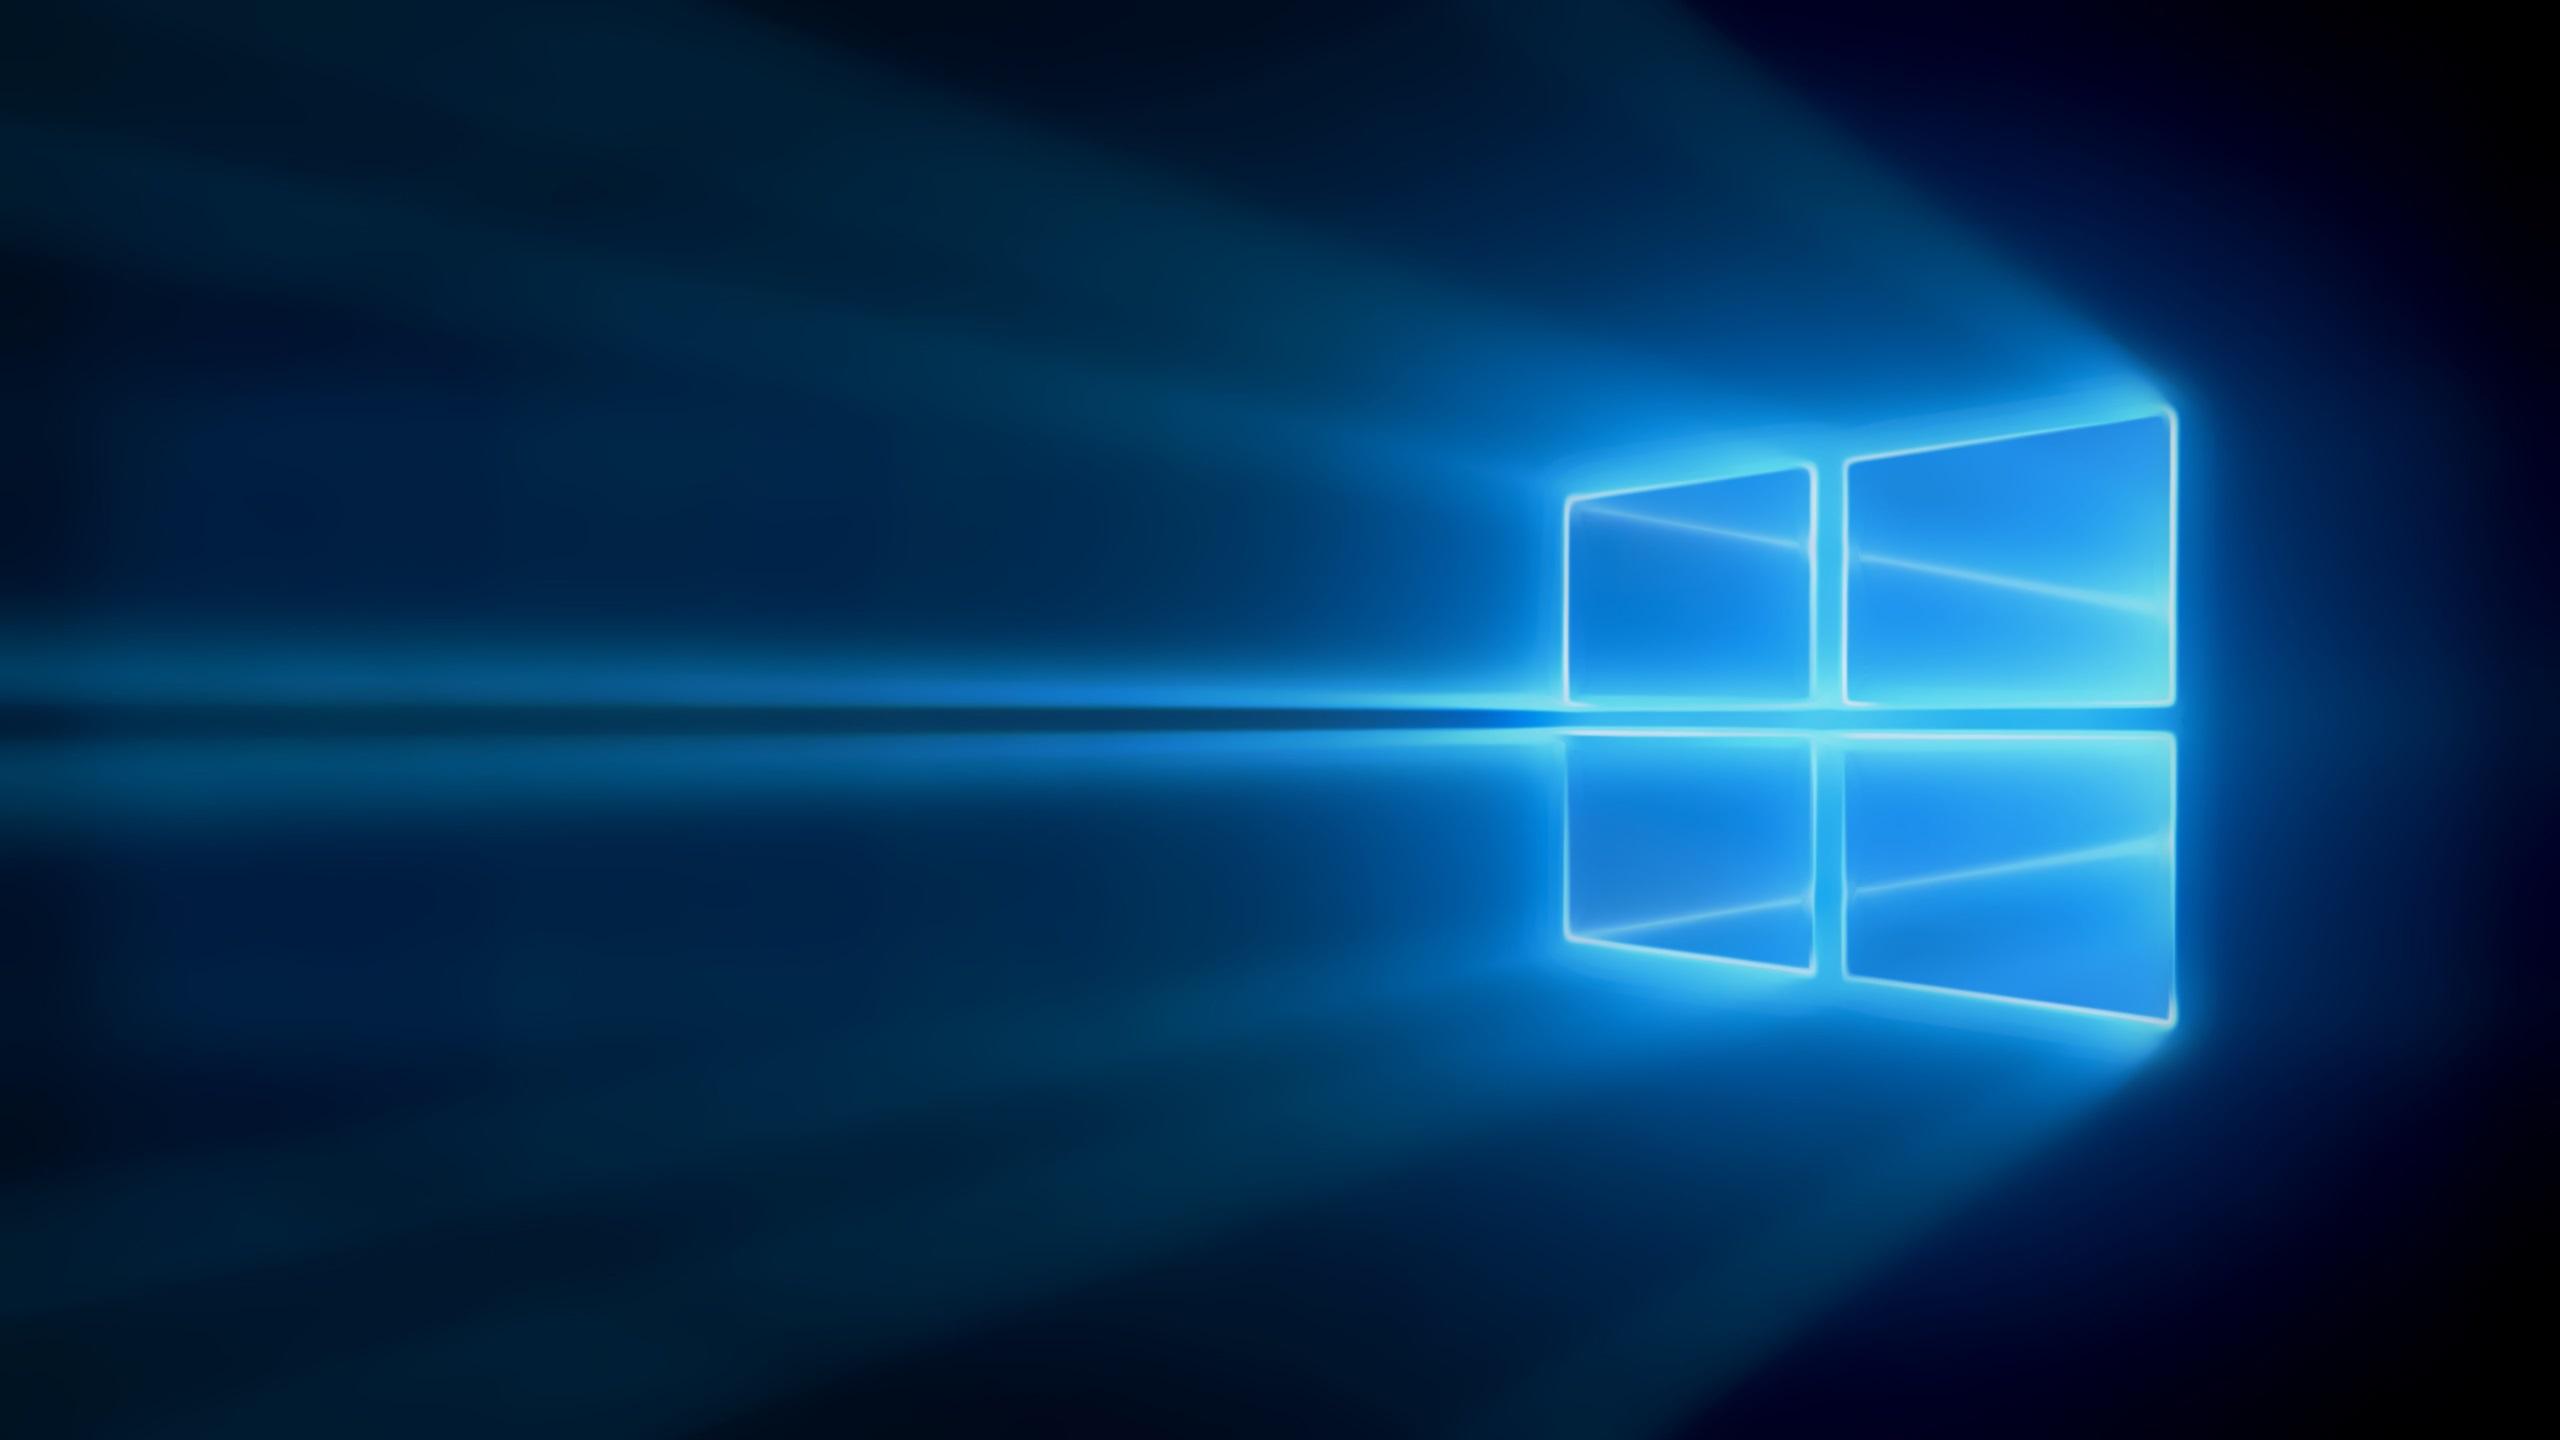 Fonds Décran Windows 10 La Lumière Bleu 2560x1440 Qhd Image